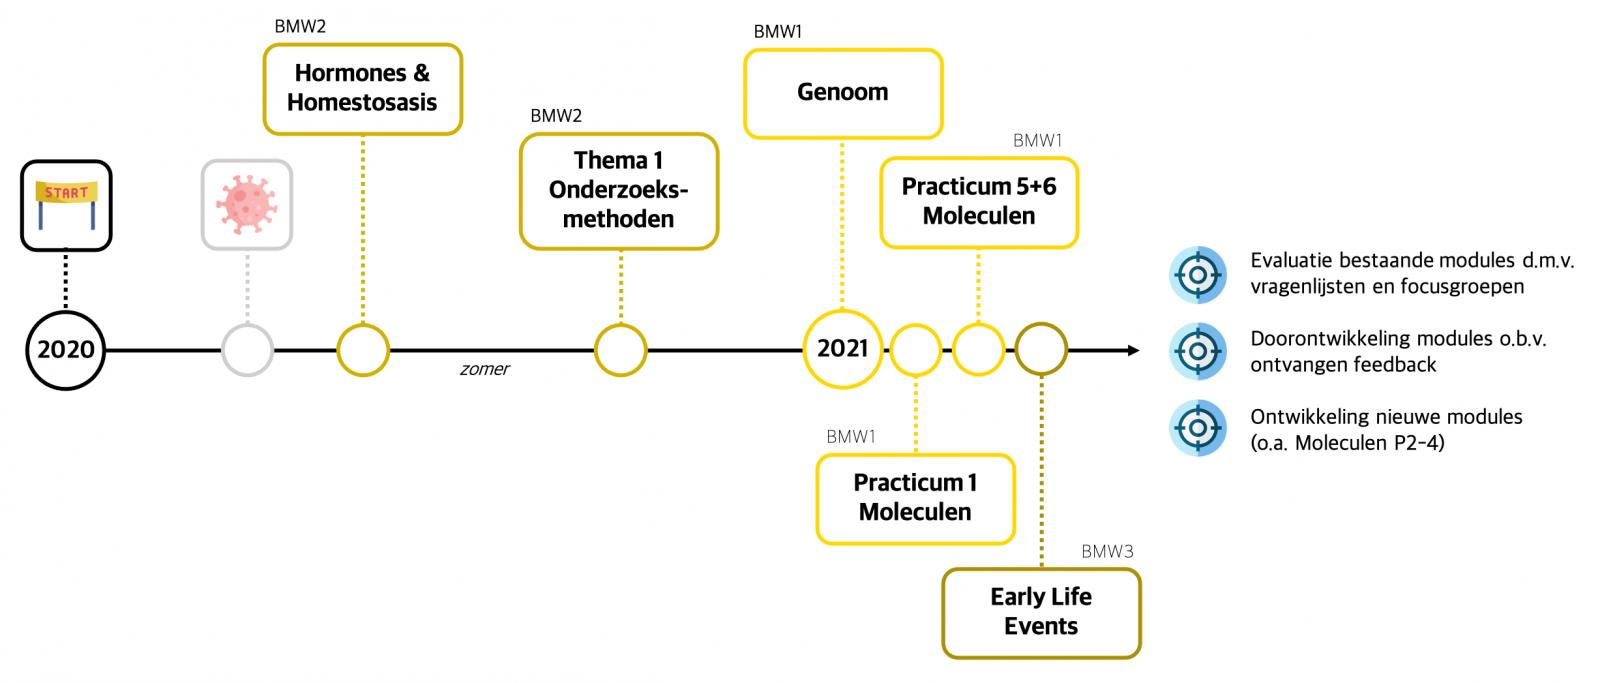 Overzicht van de ontwikkelde LabBuddy-modules